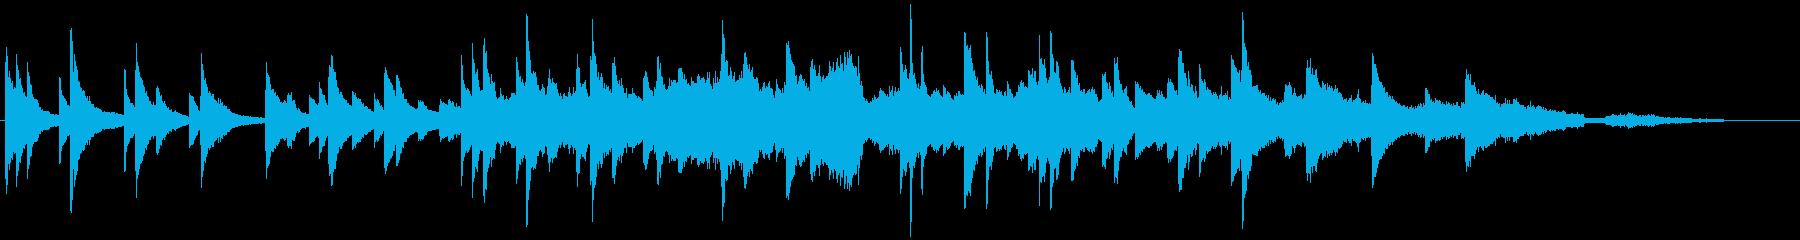 波音とピアノソロとストリングスの再生済みの波形